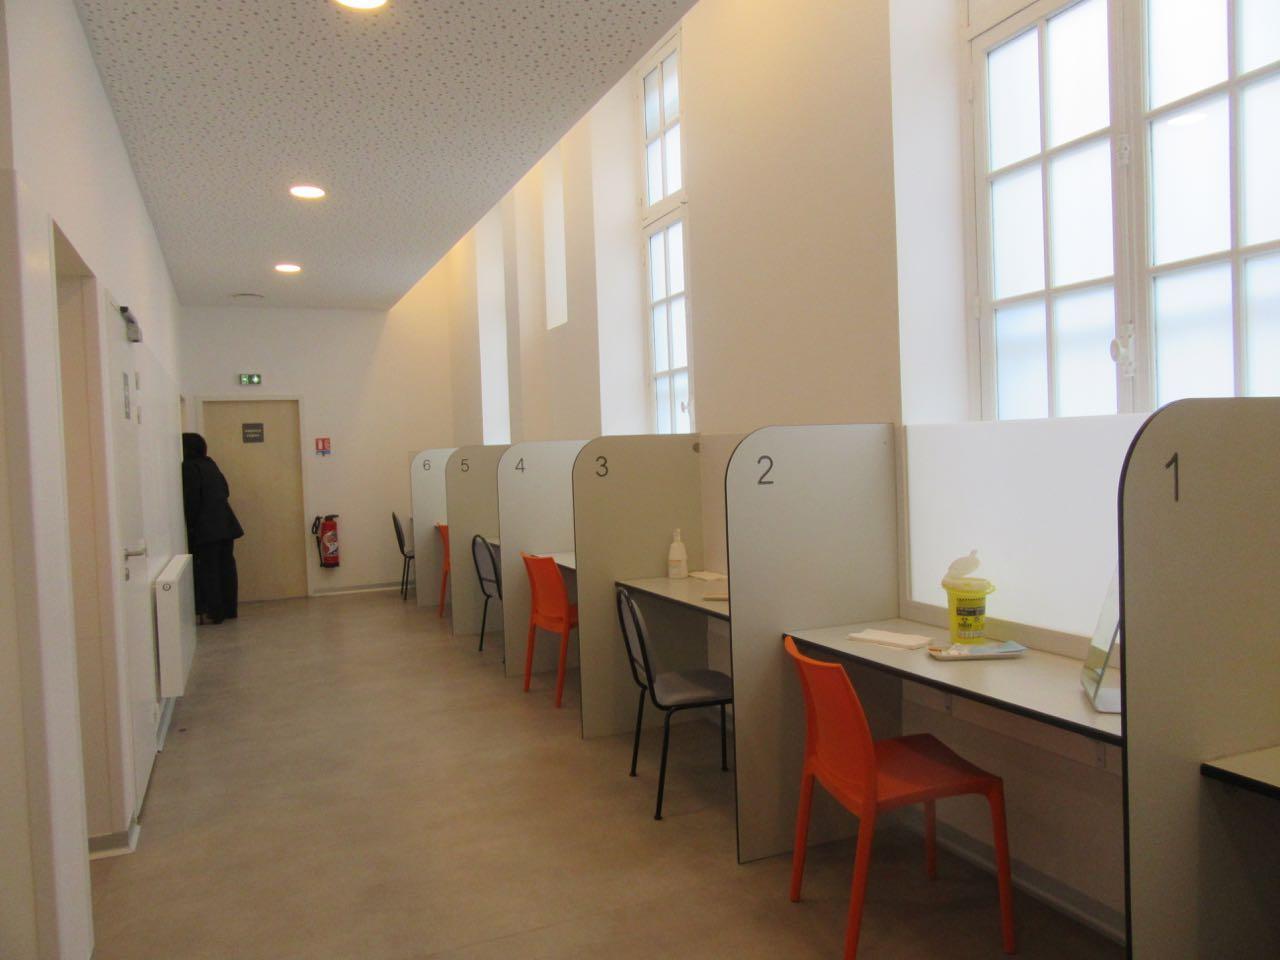 Salle de consommation Hôpital Lariboisière img_3381_copie.jpg